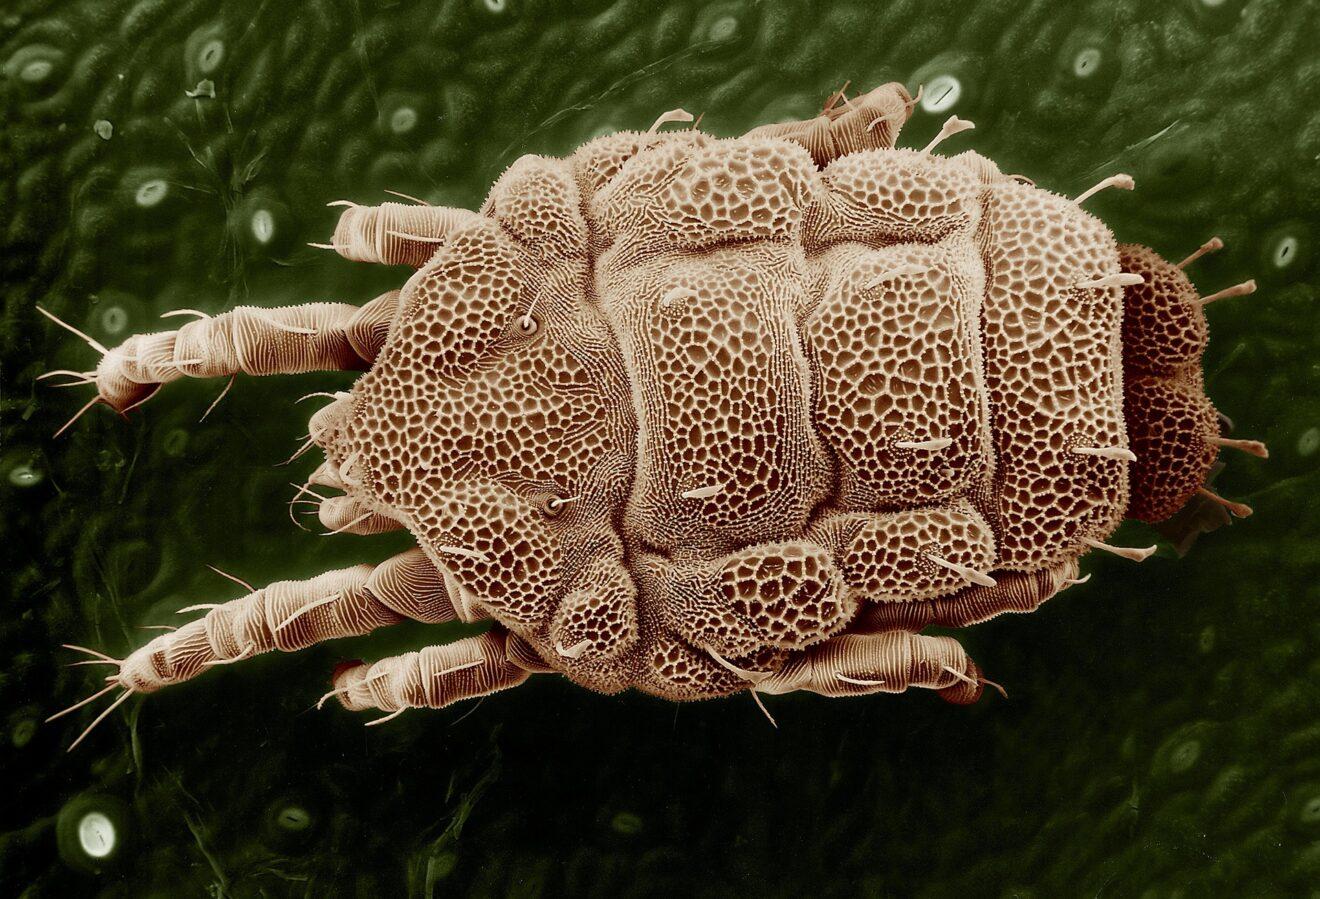 parassiti del tratto urinario umani